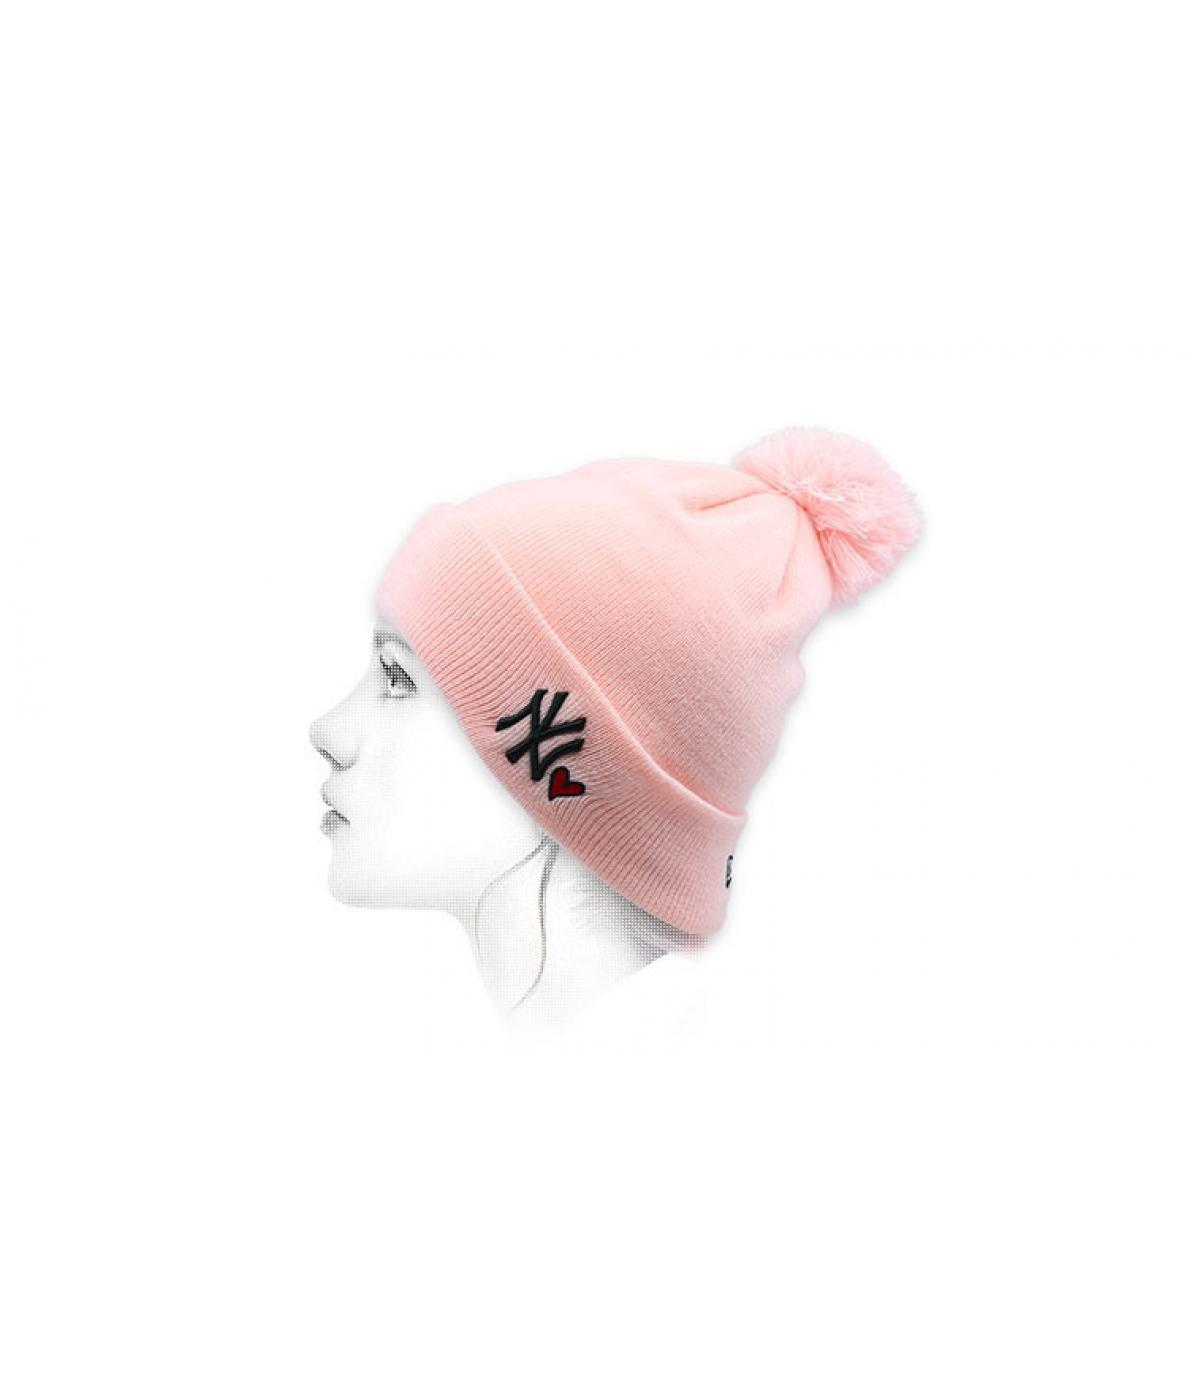 pink NY beanie heart